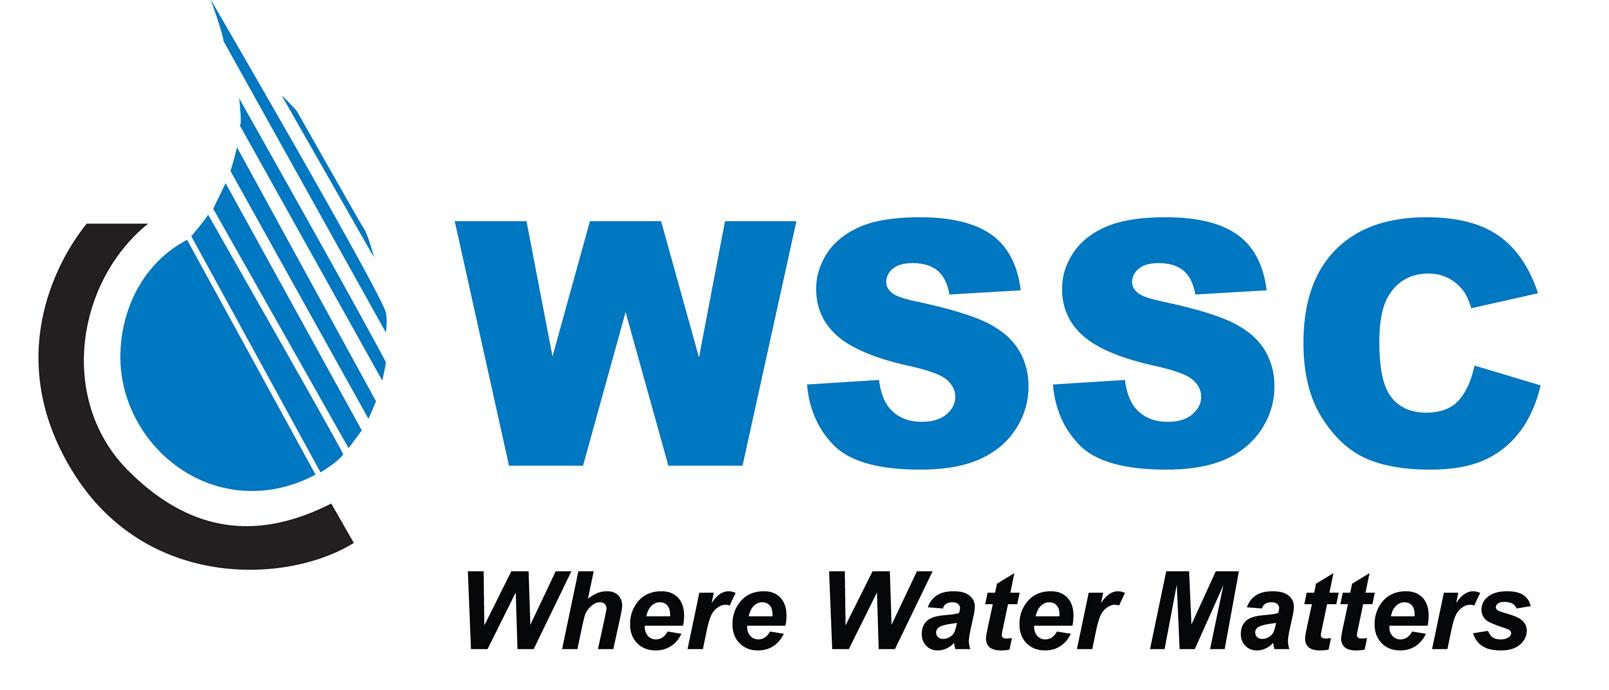 WSSC-logo-10inweb